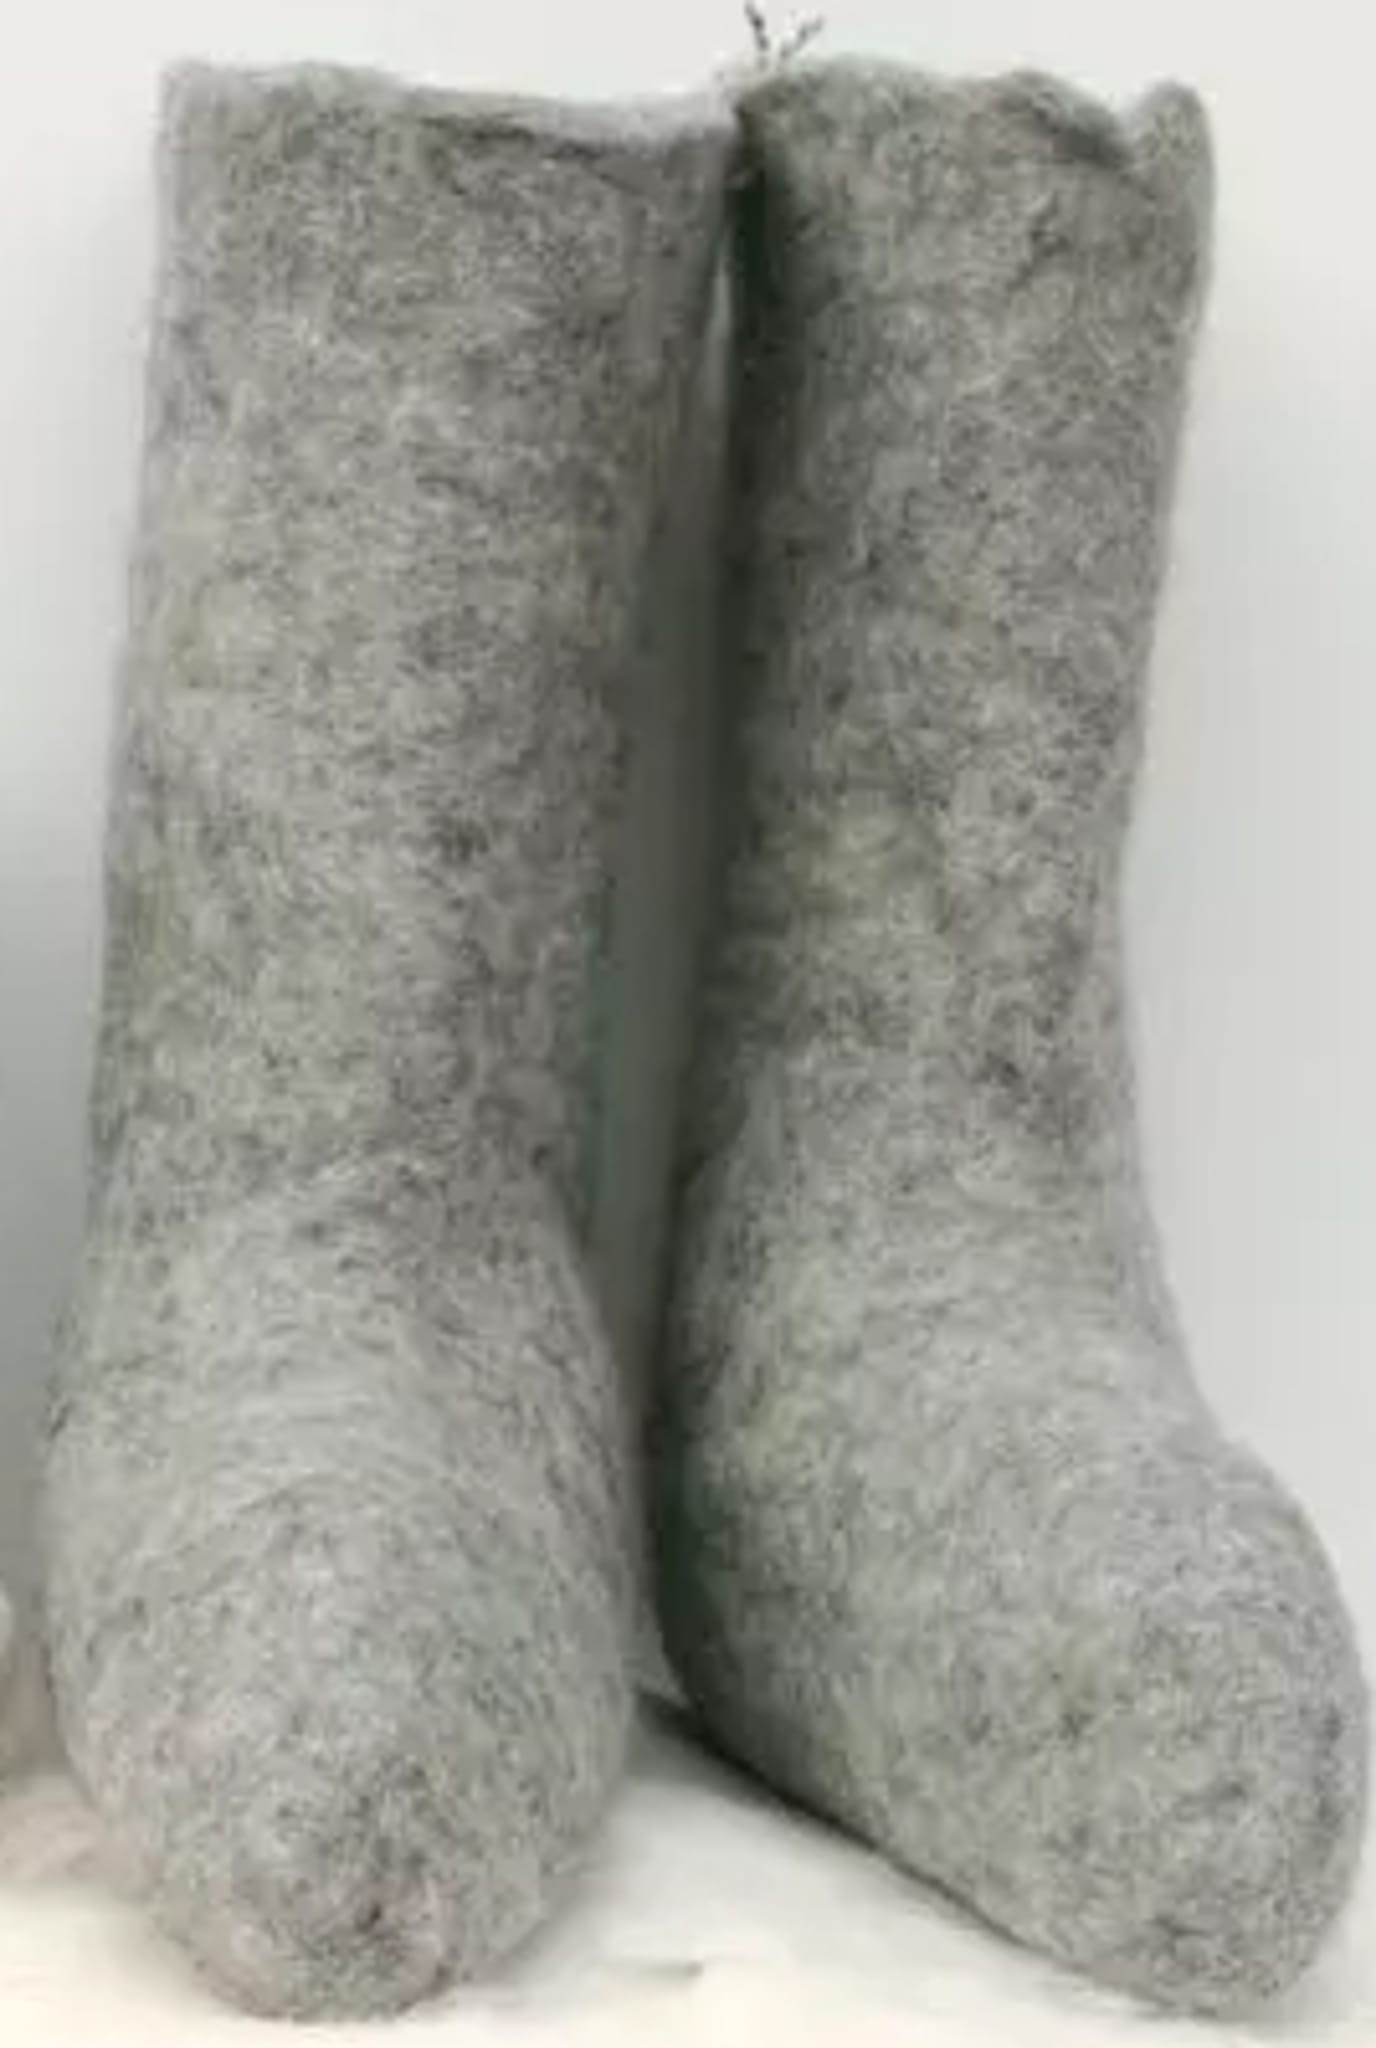 Tovede kartanker når gradestokken kryper ned mot -30 grader